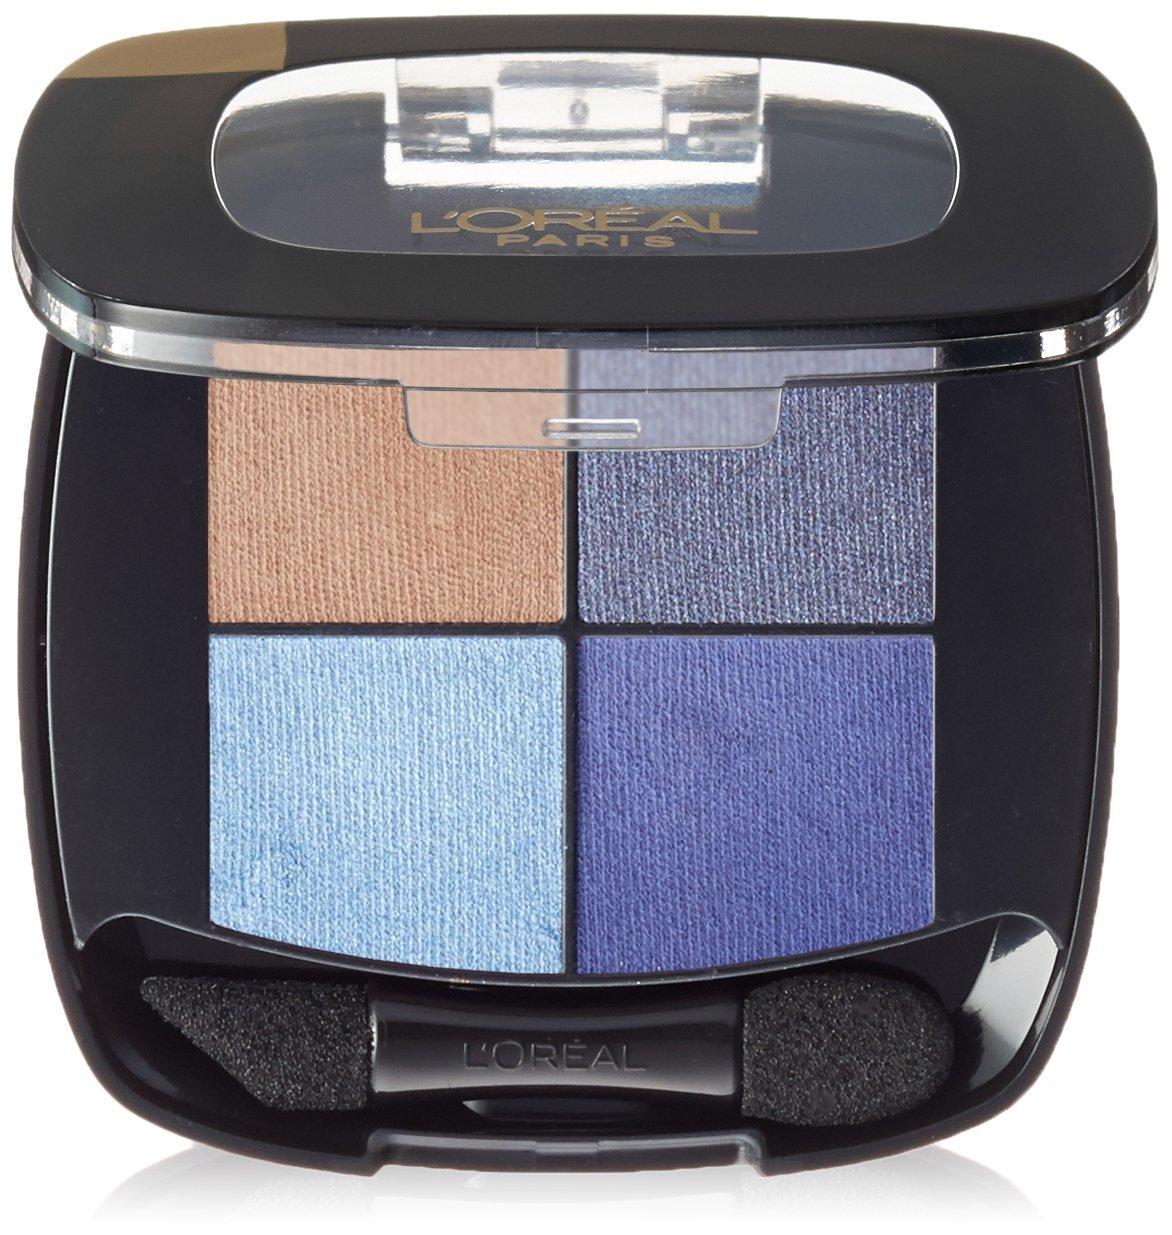 L'Oréal Paris Colour Riche Eye Pocket Palette Eye Shadow, Bleu Nuit, 0.1 oz.